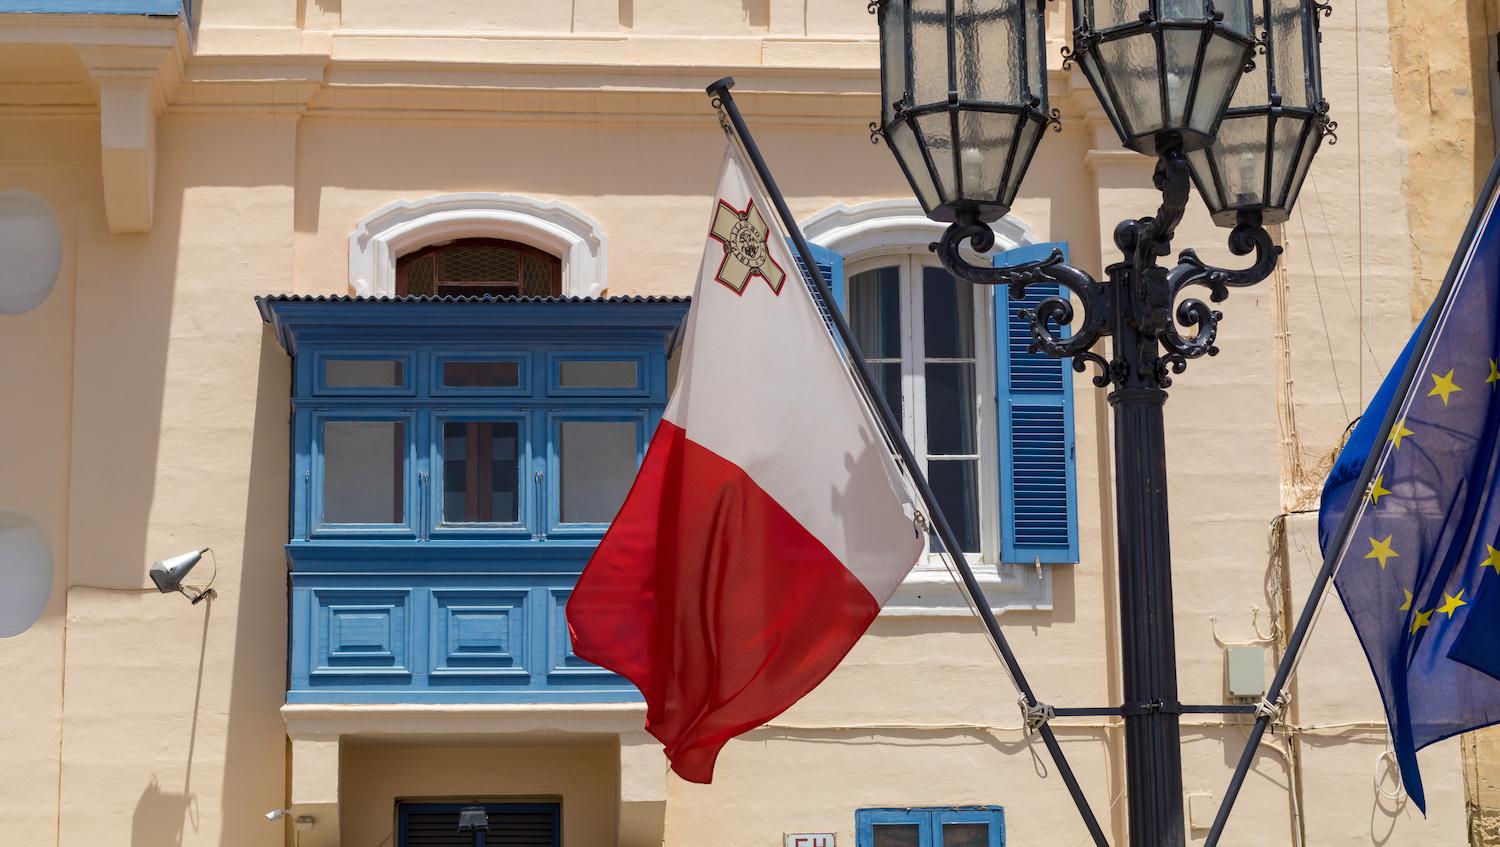 ConsulCoin Cryptocurrency Fund arriva il primo fondo cripto regolato al mondo - ConsulCoin Cryptocurrency Fund: Consulcesi lancia a Malta il primo fondo cripto regolato al mondo